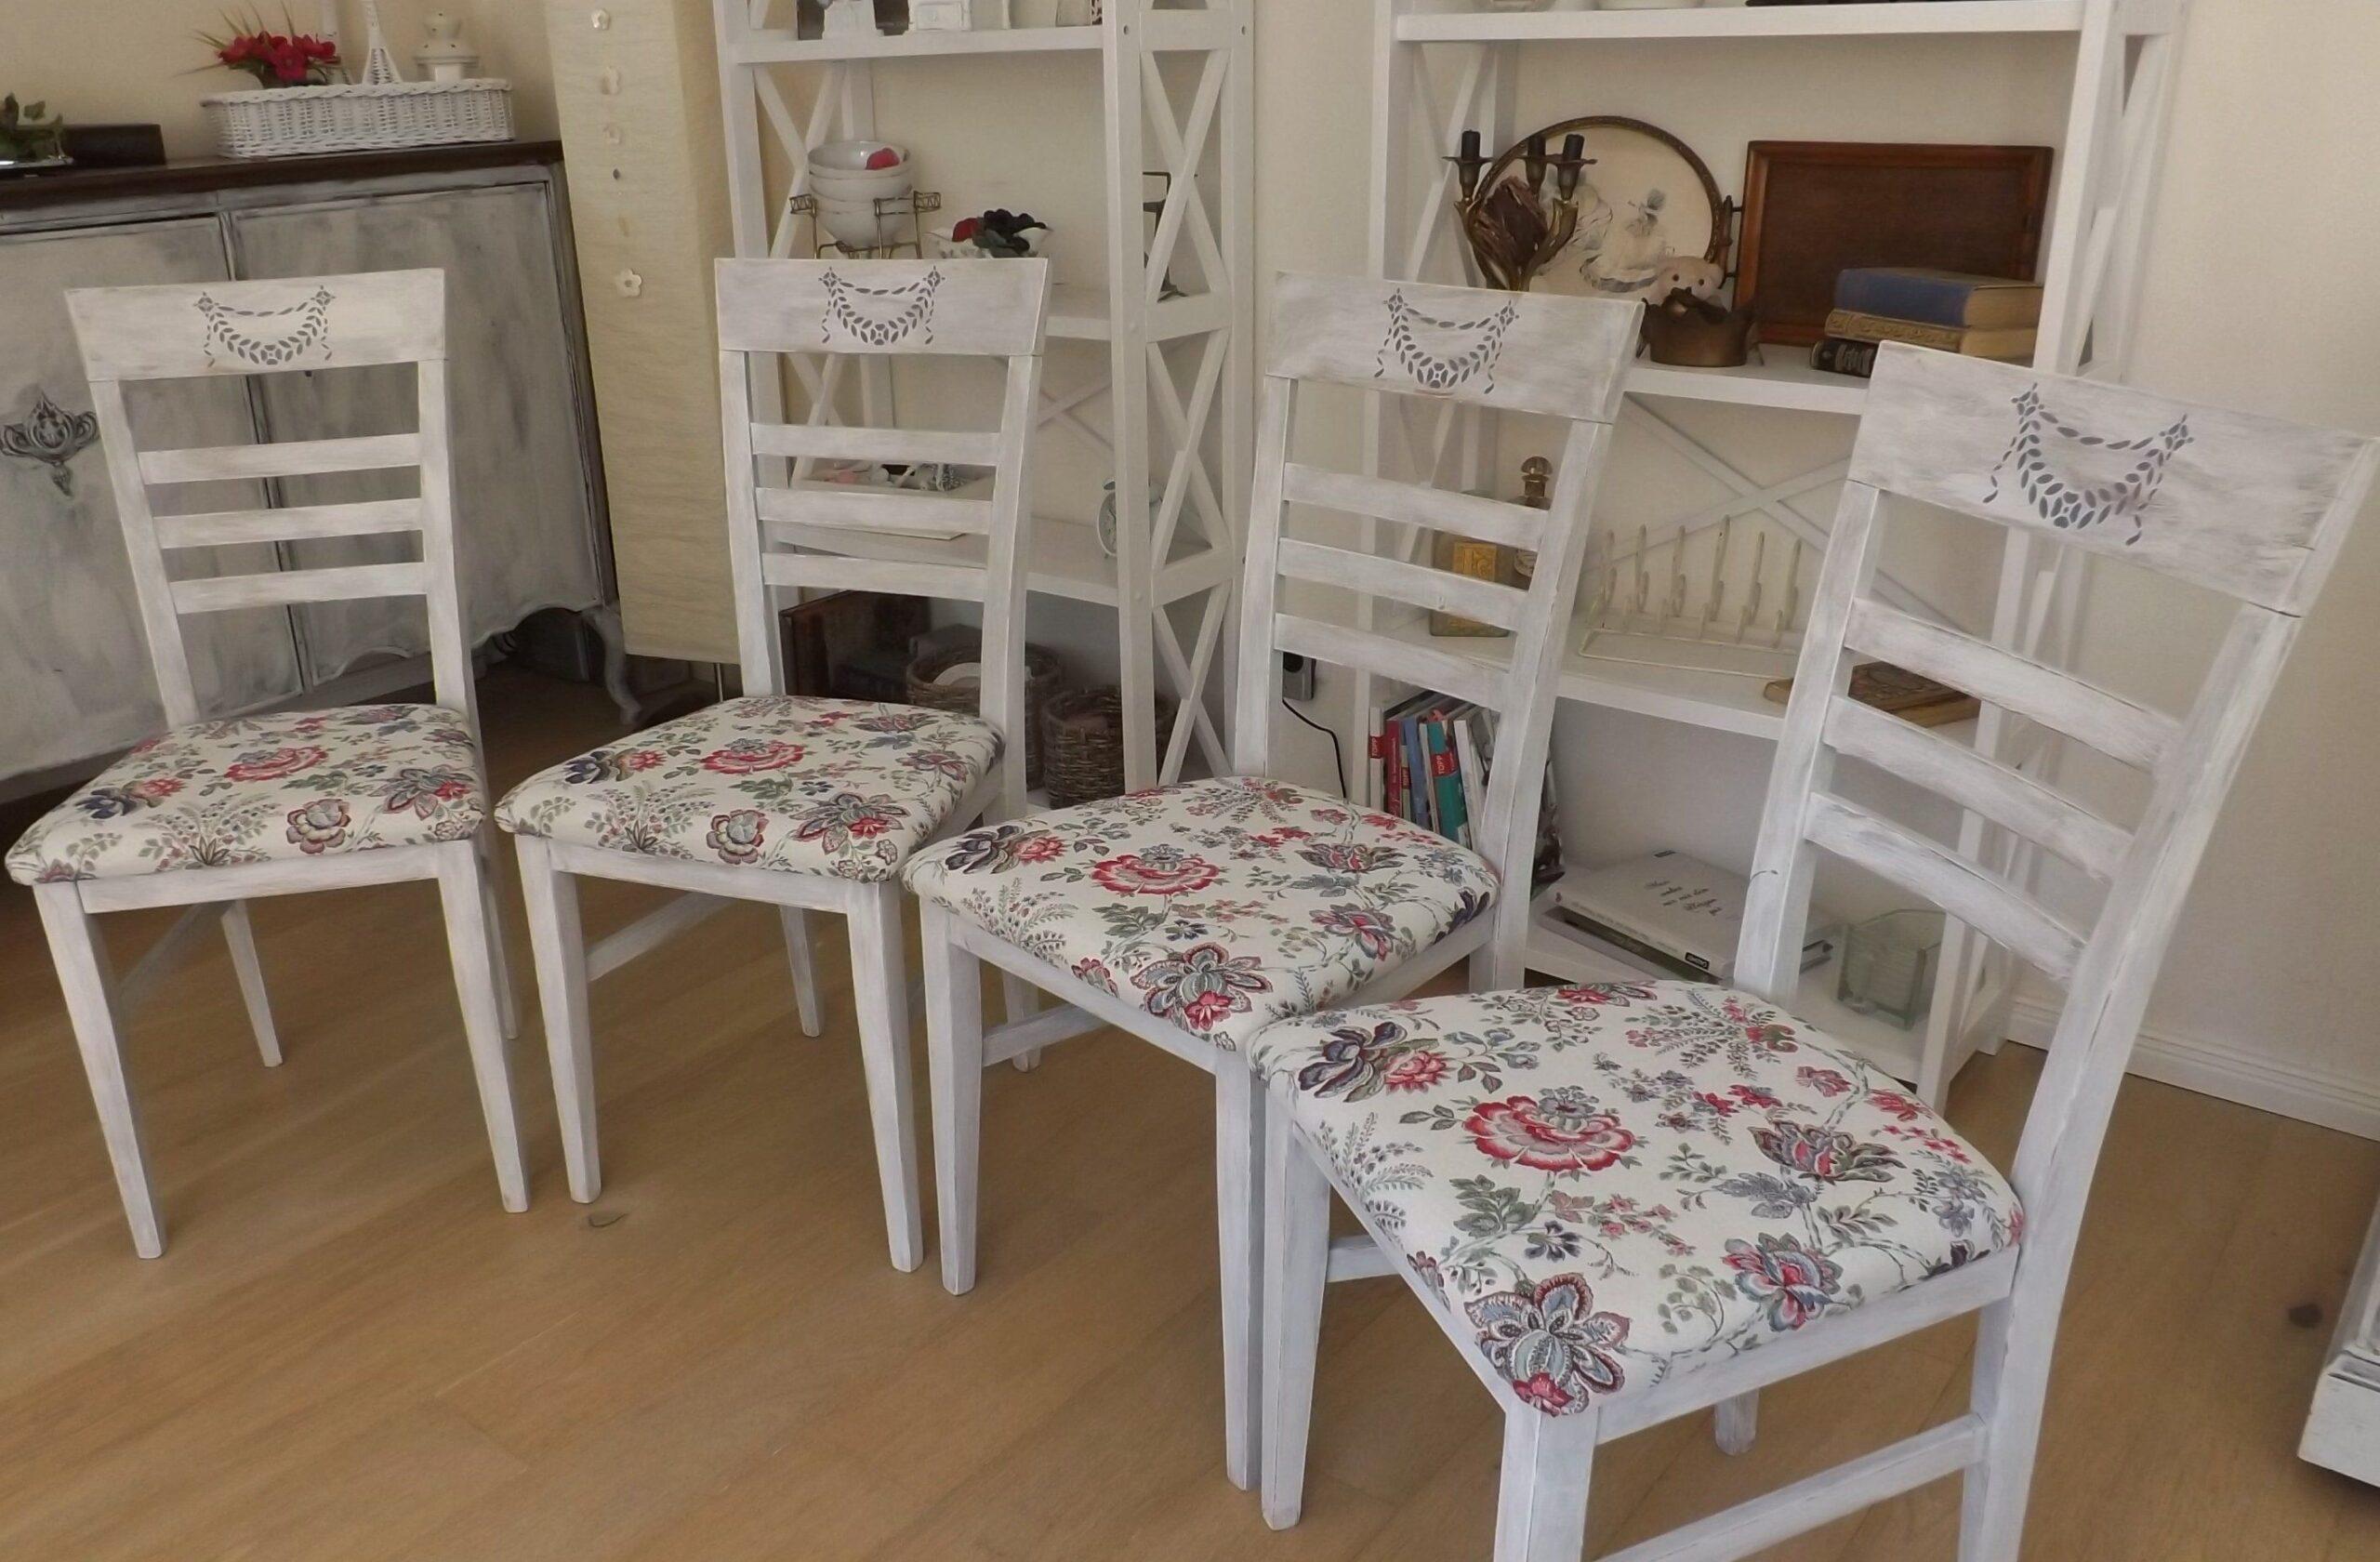 Full Size of 4 Sthle Esstischsthle Polstersthle Shabby Chic Esstischstühle Esstische Esstischstühle